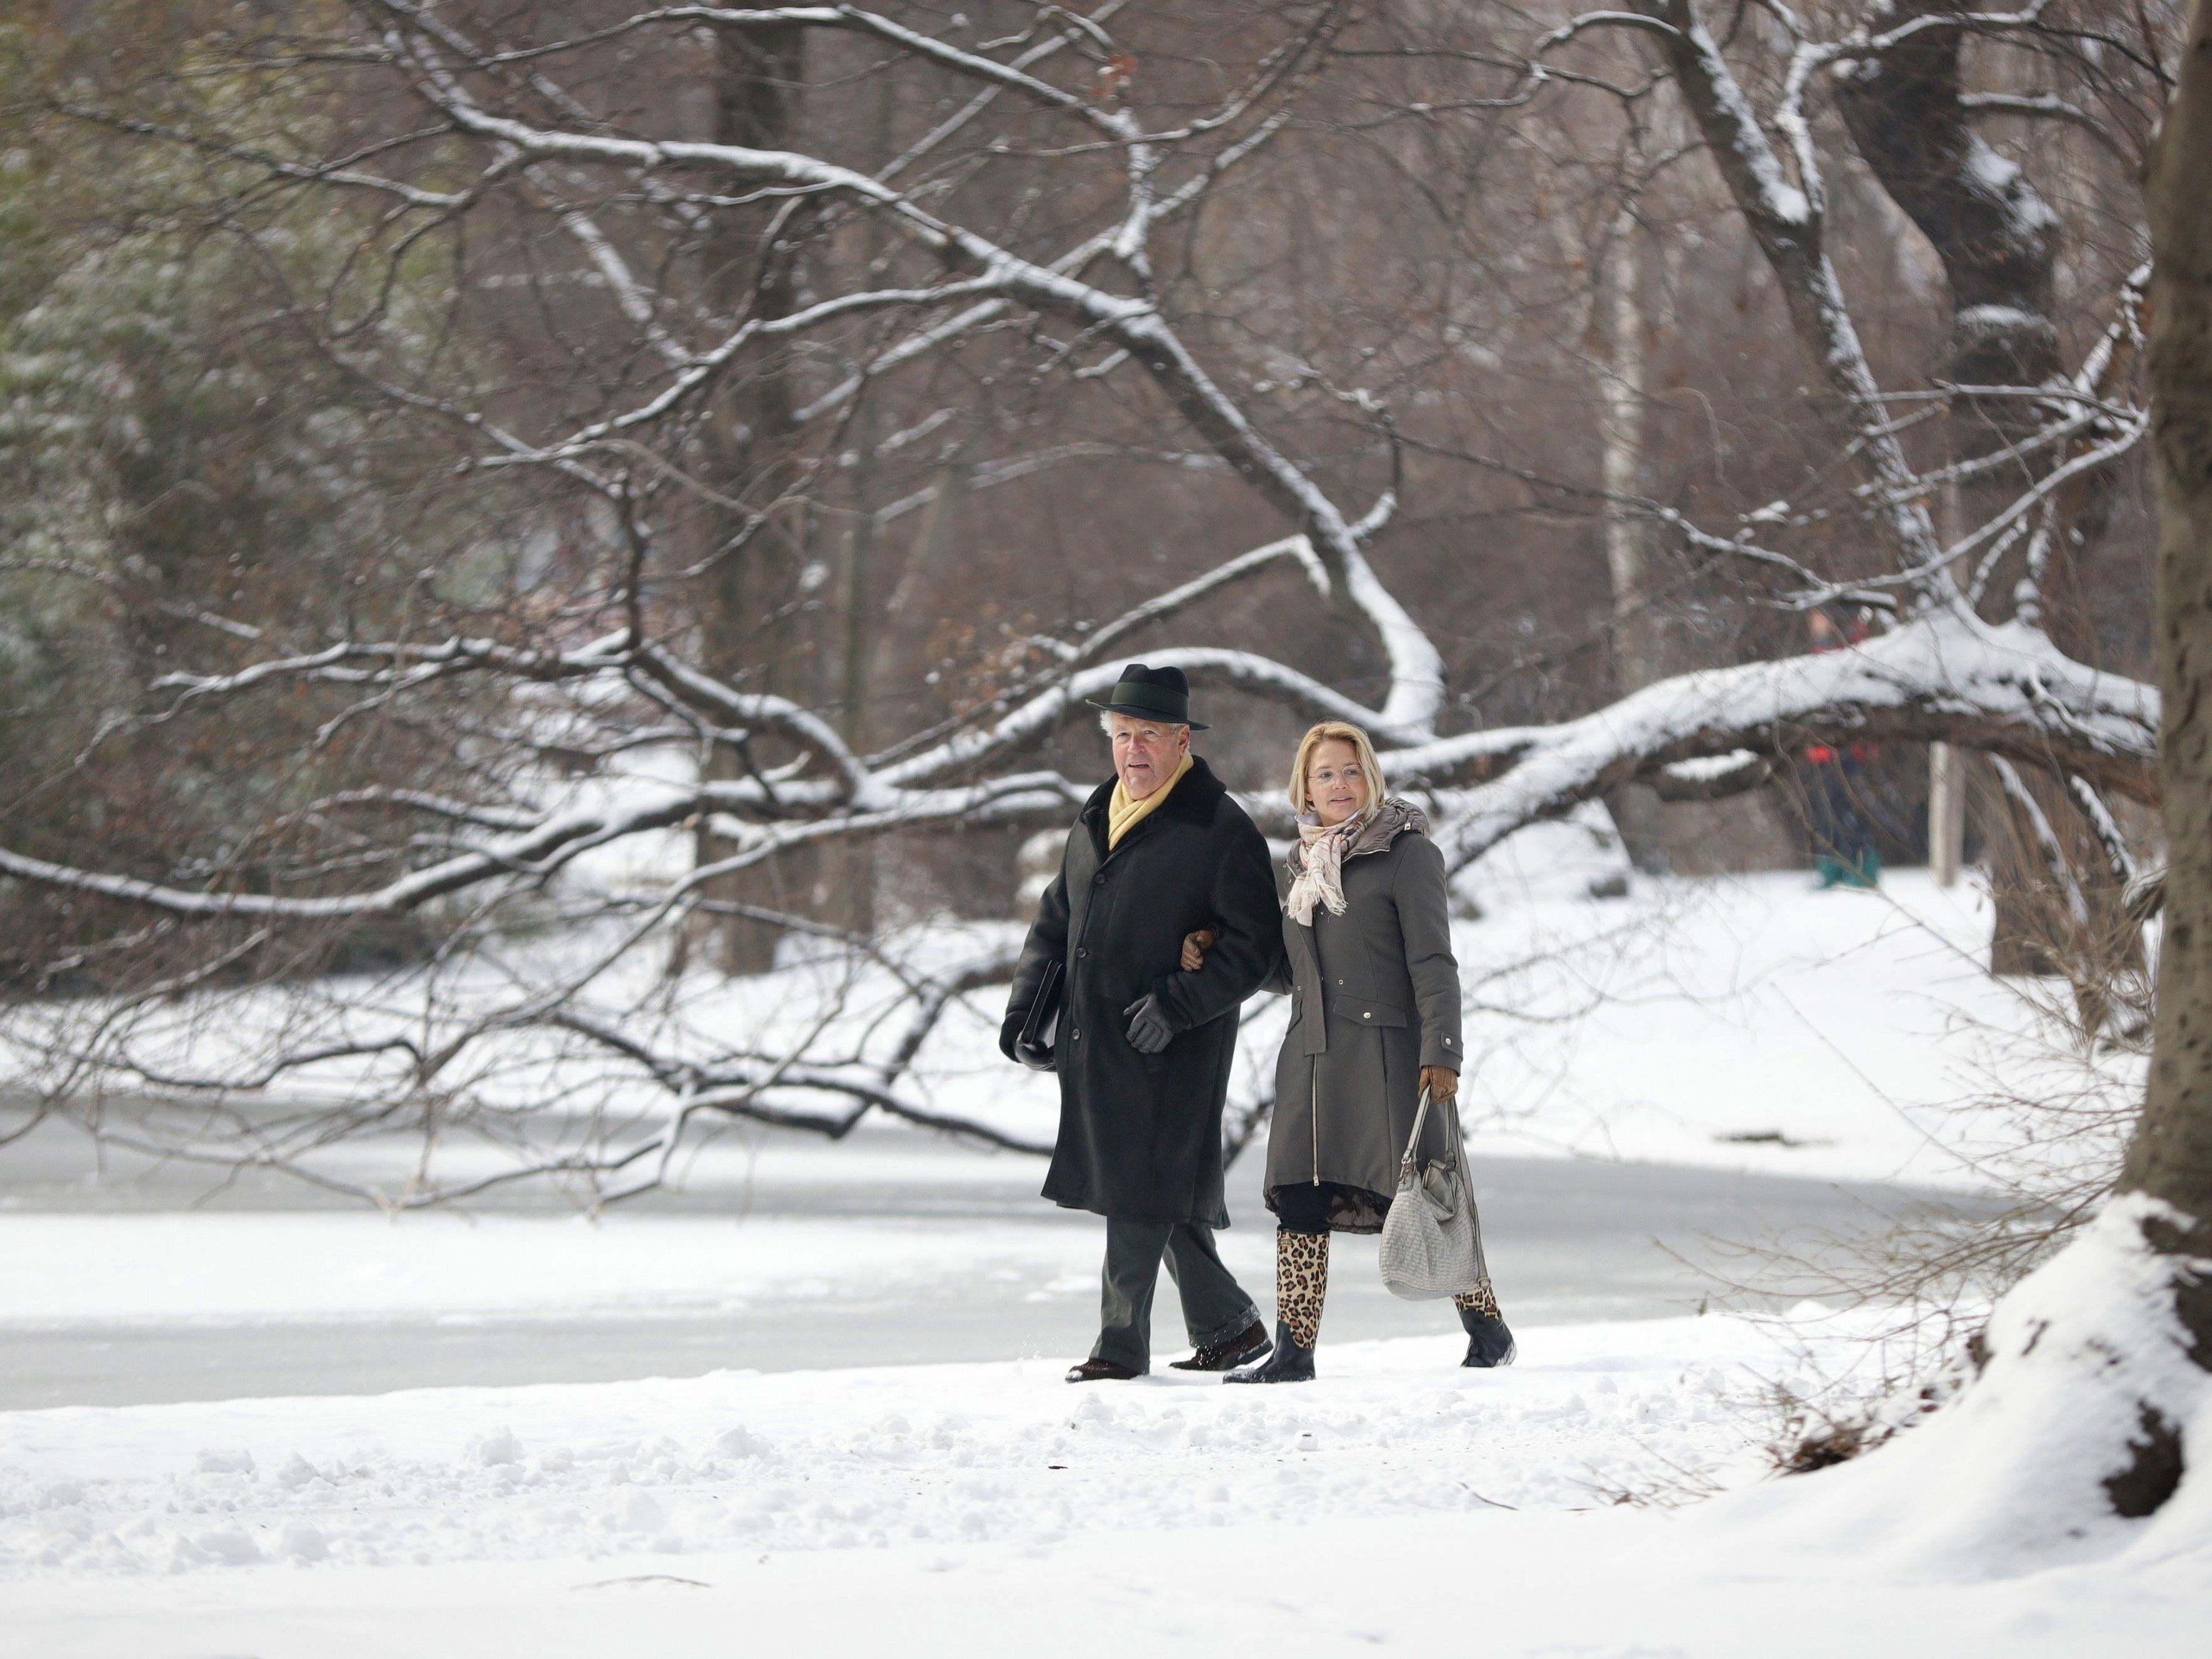 Werden wir auch am 24. Dezember 2016 im verschneiten Wiener Stadtpark lustwandeln können?